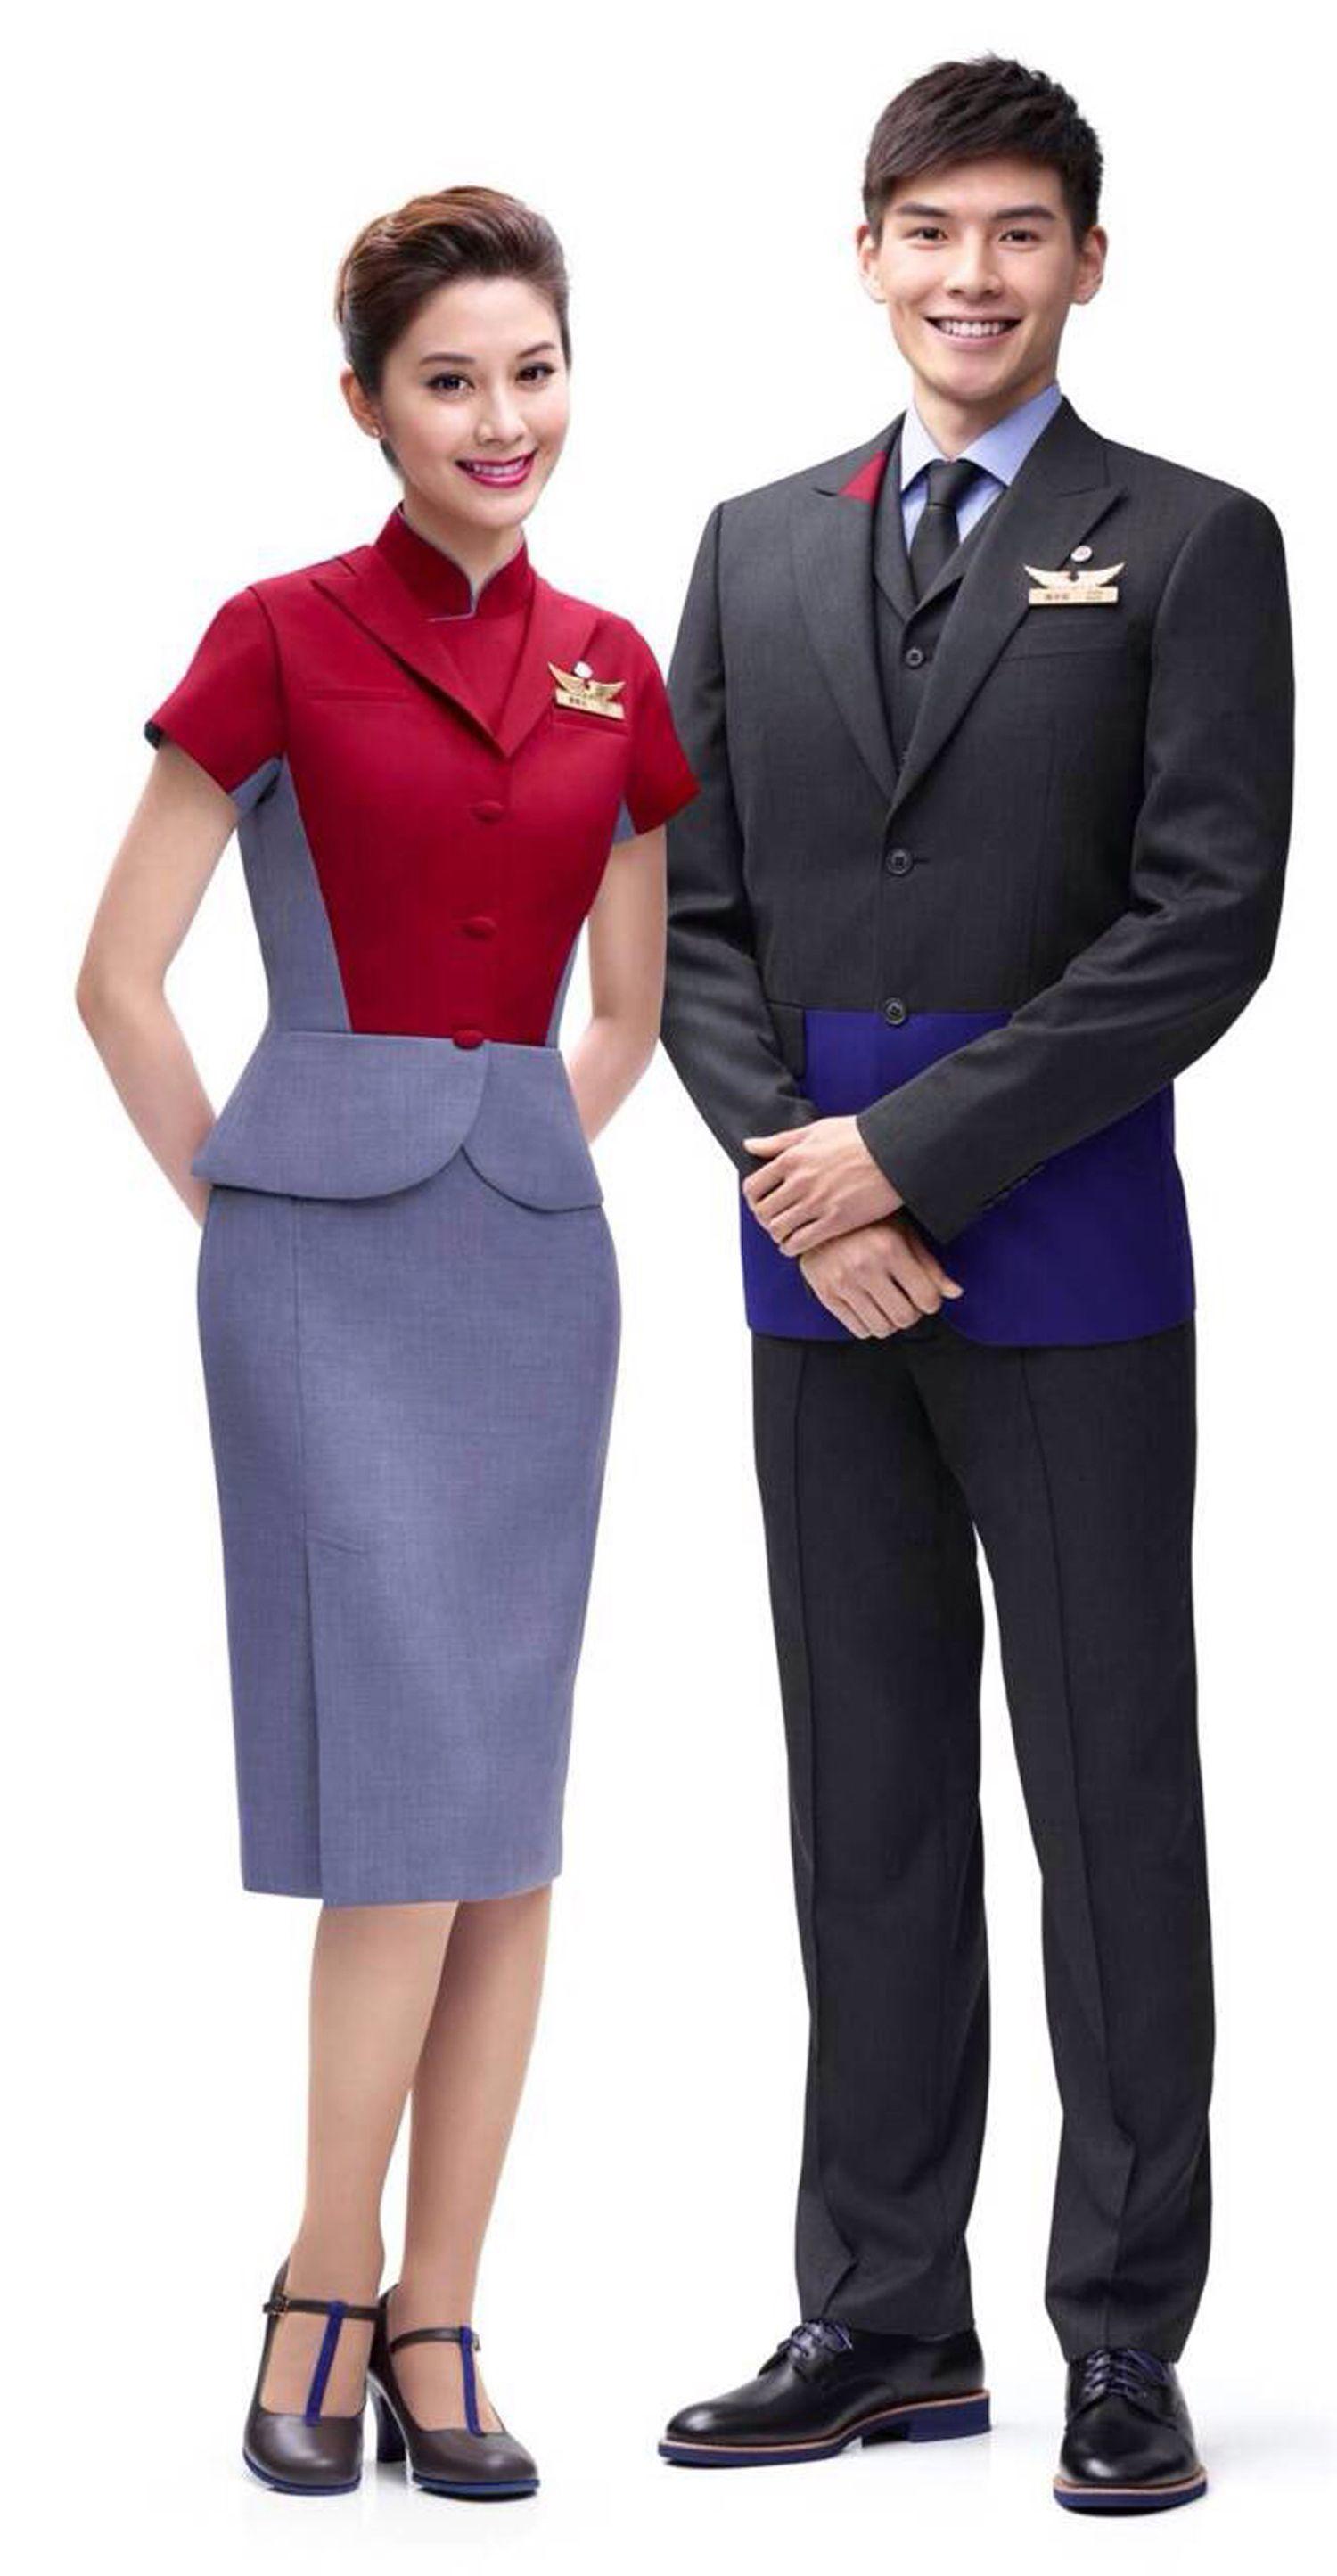 flight attendant naked uniform